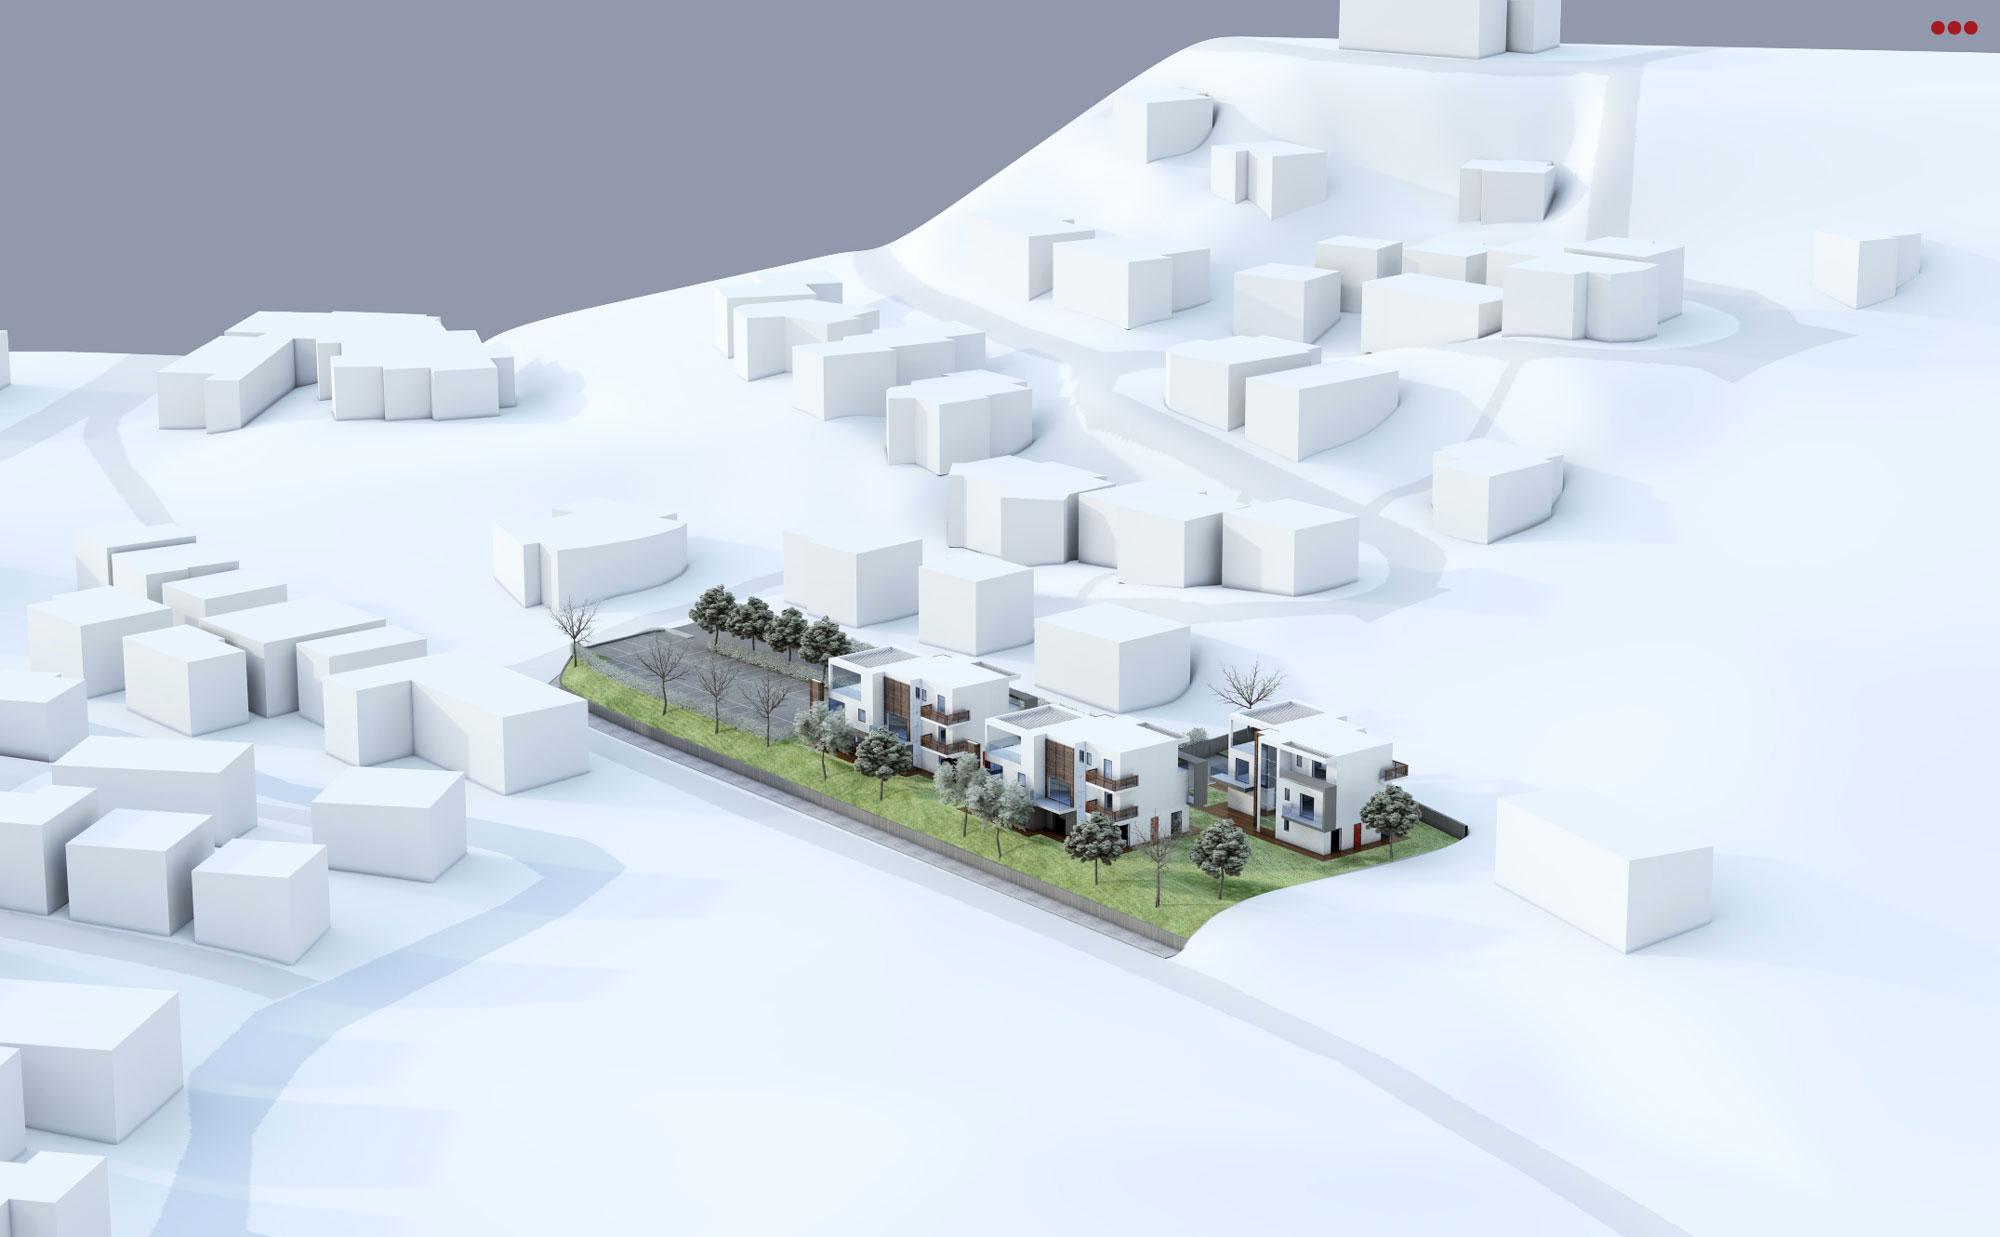 rendering 3d modeling architettura costruzioni studio bartolini gabicce rimini 15